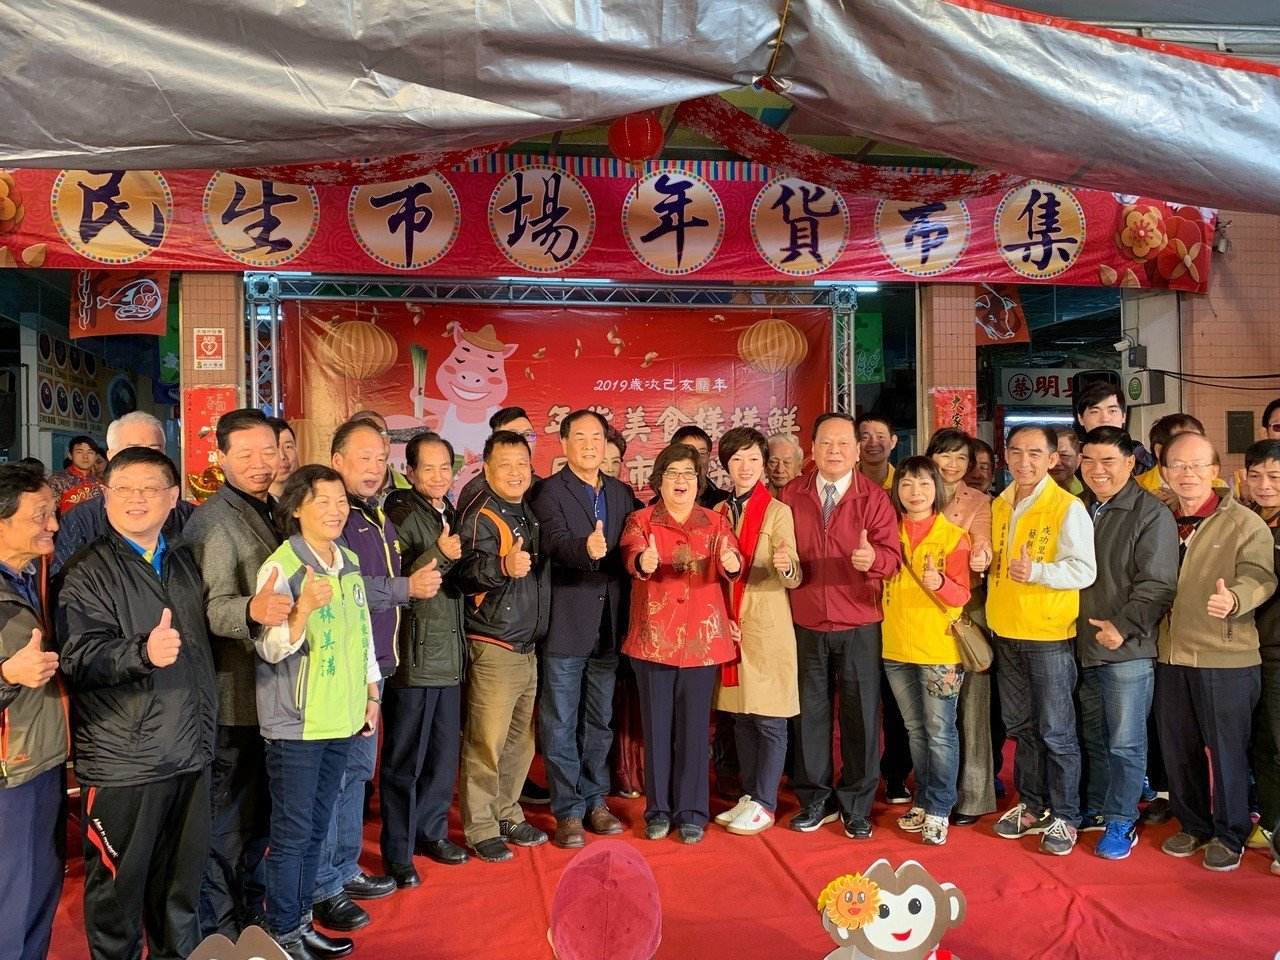 羅東鎮春節年貨市集,今天在民生市場熱鬧開幕了。圖/羅東鎮公所提供